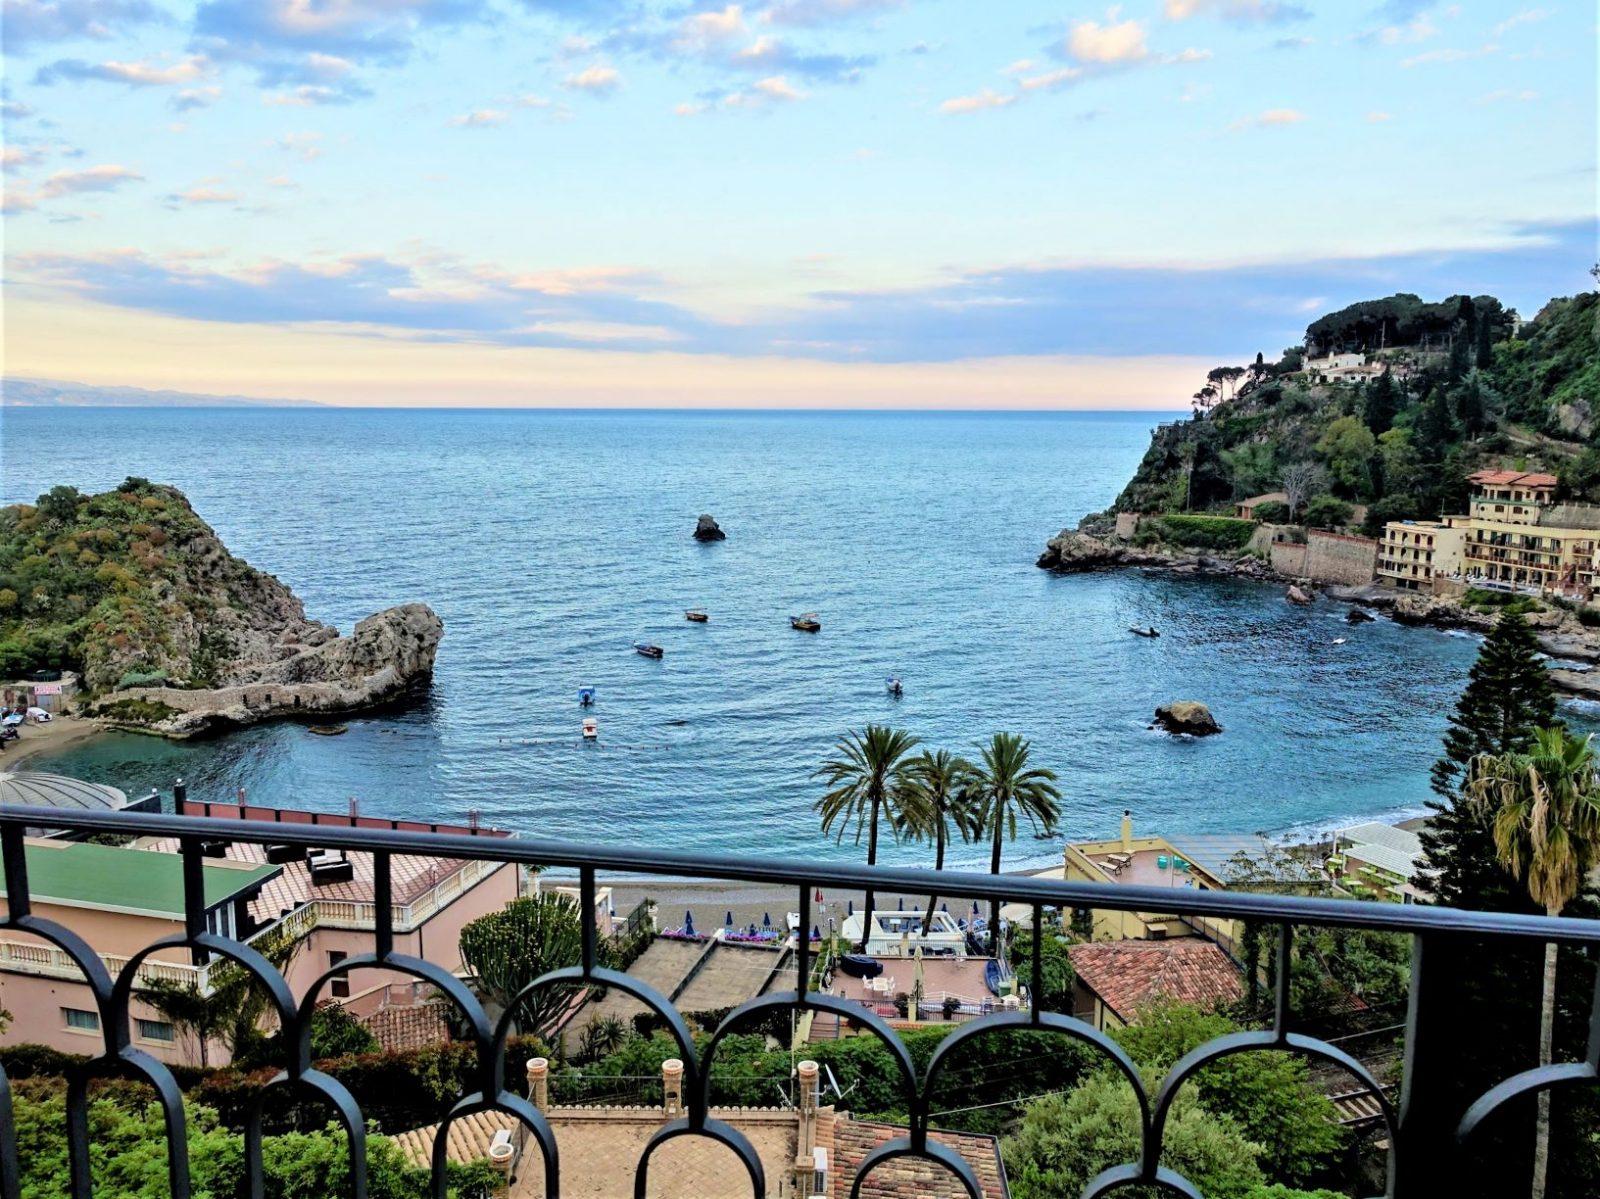 utsikt fra balkongen i Taormina Sicilia